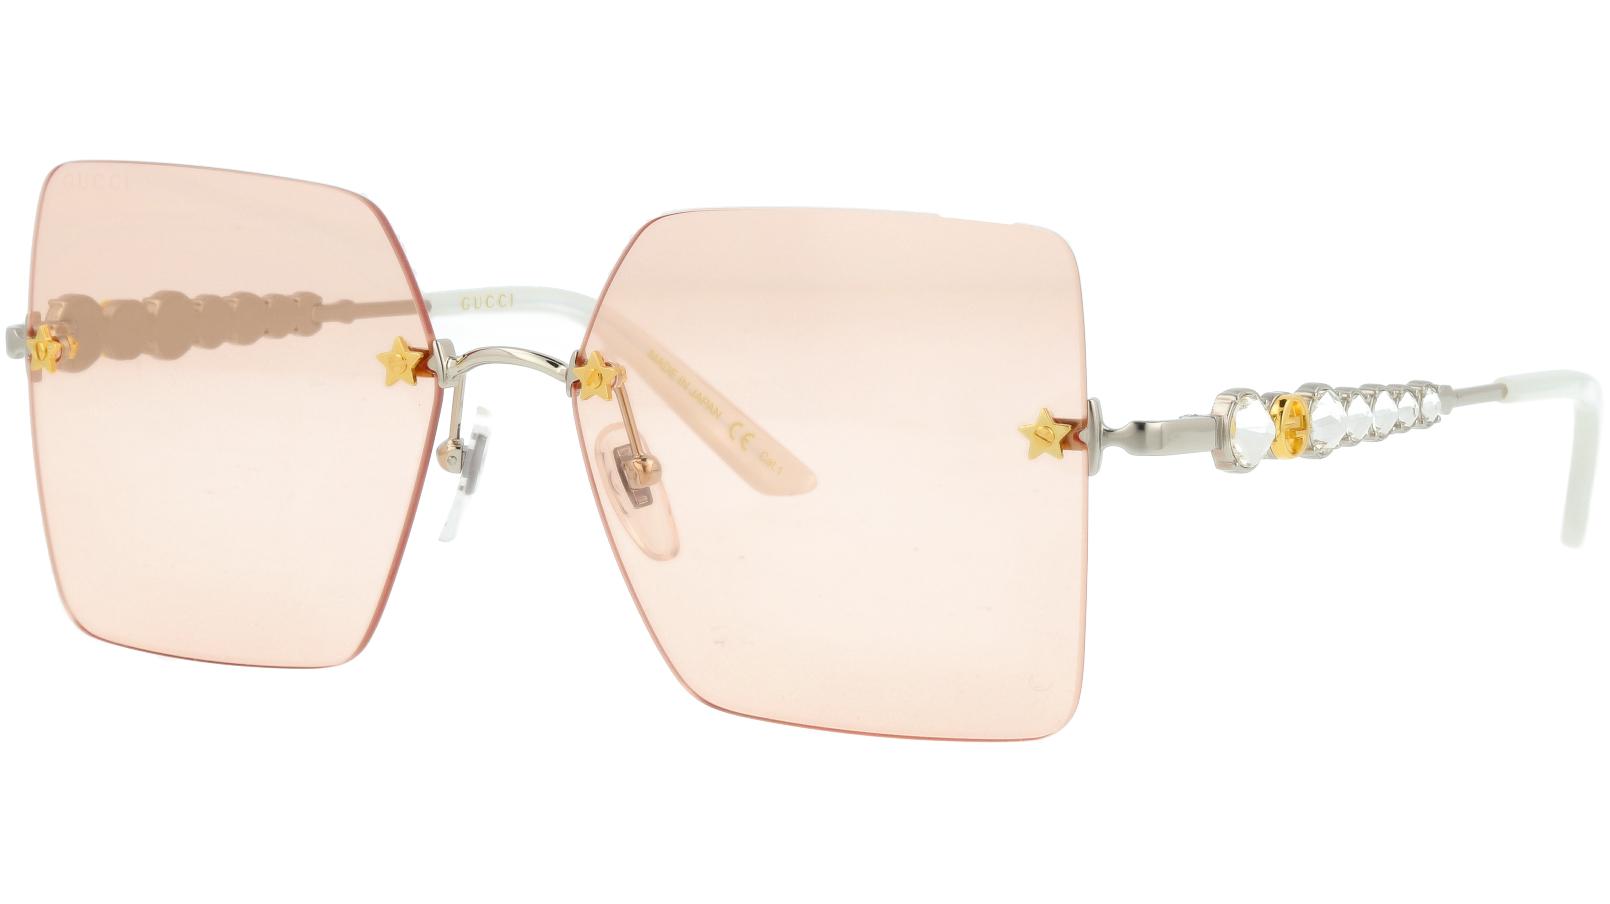 GUCCI GG0644S 003 56 SILVER Sunglasses